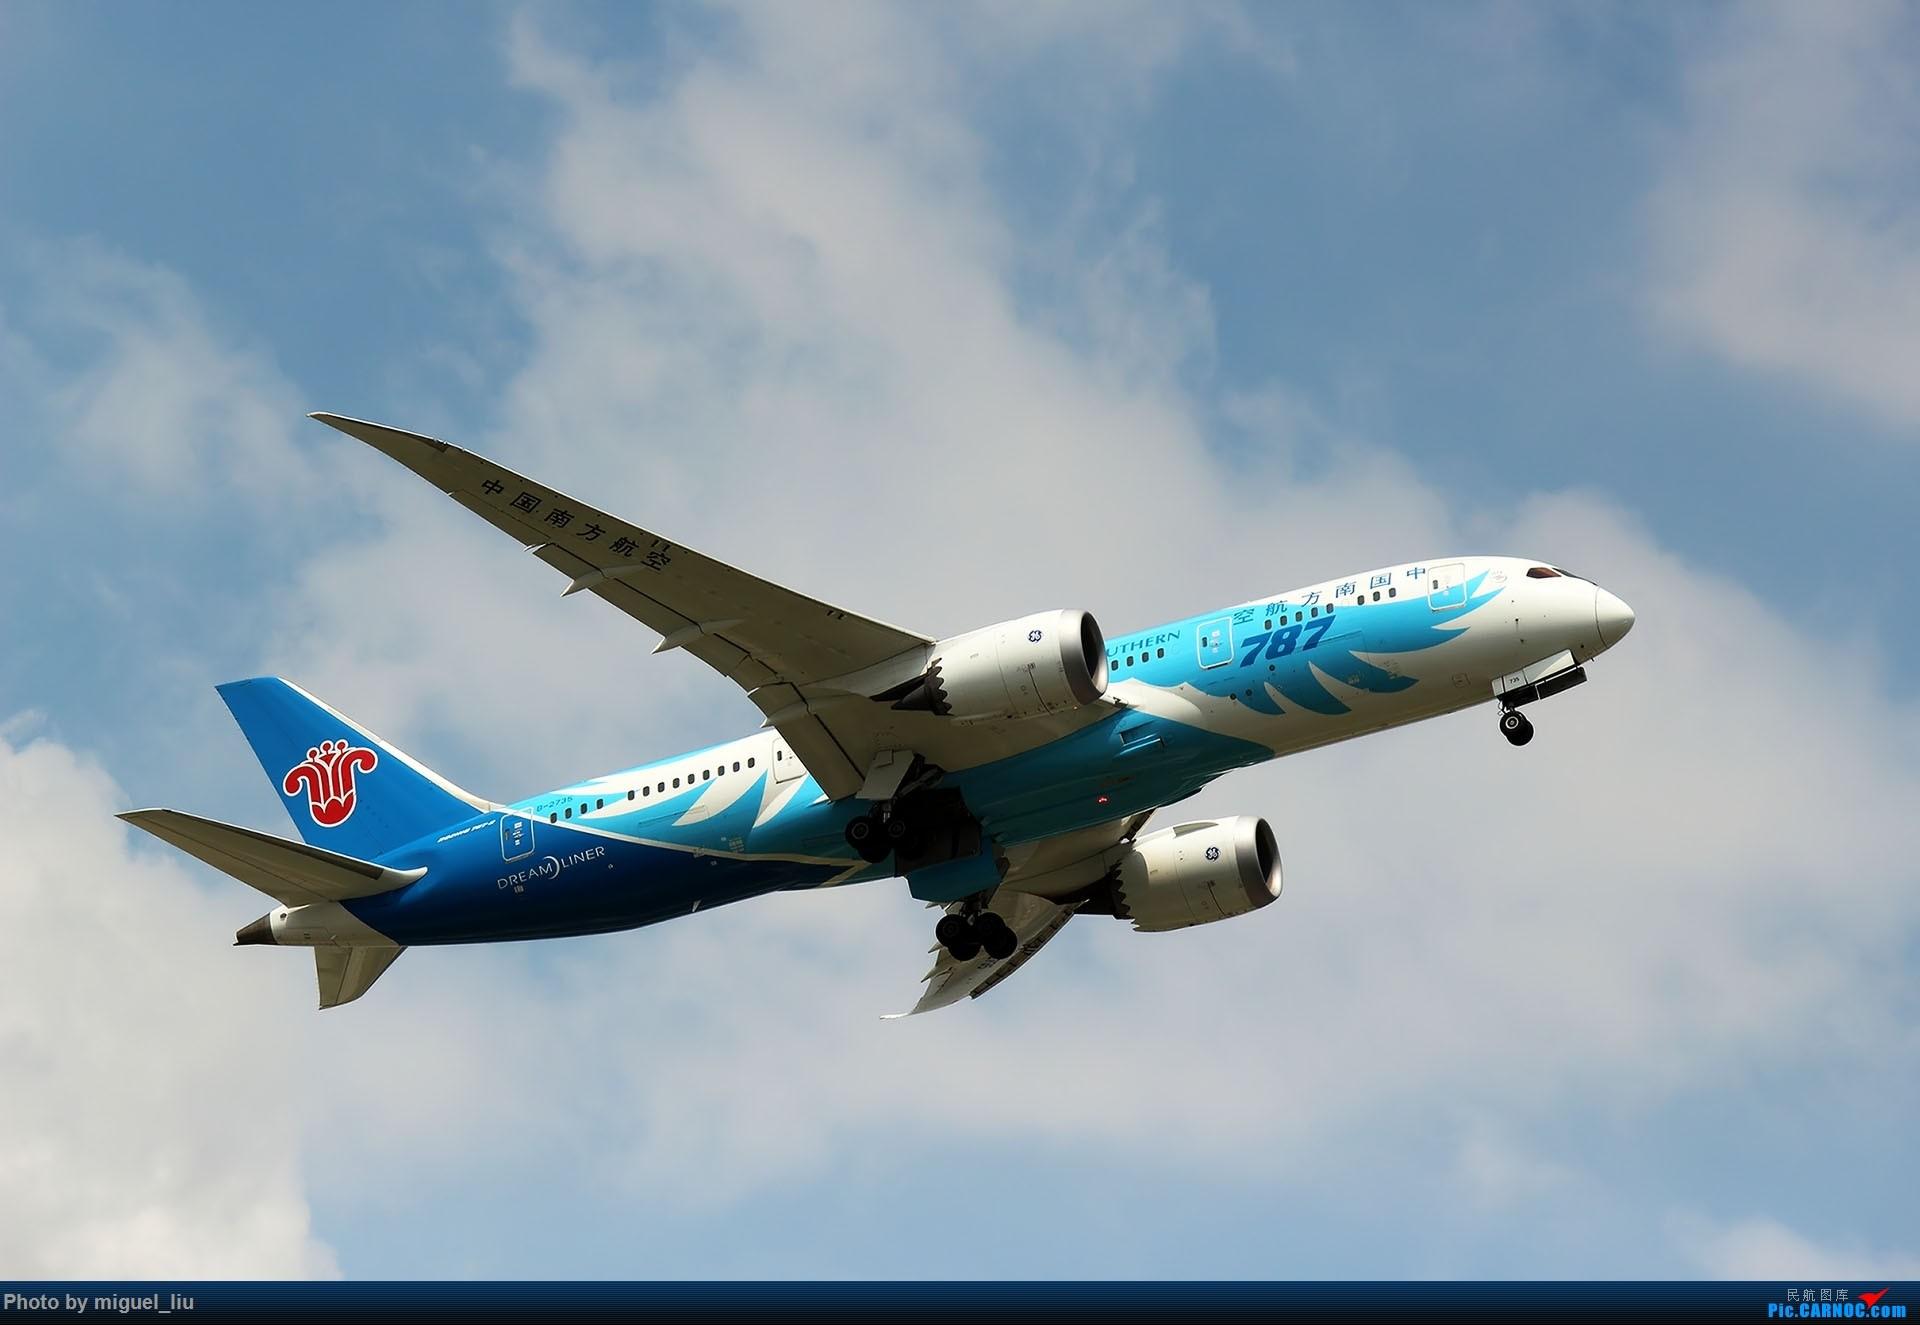 Re:[原创][*********Miguel_liu********]7月28日例行打卡 BOEING 787-8 B-2735 中国广州白云国际机场